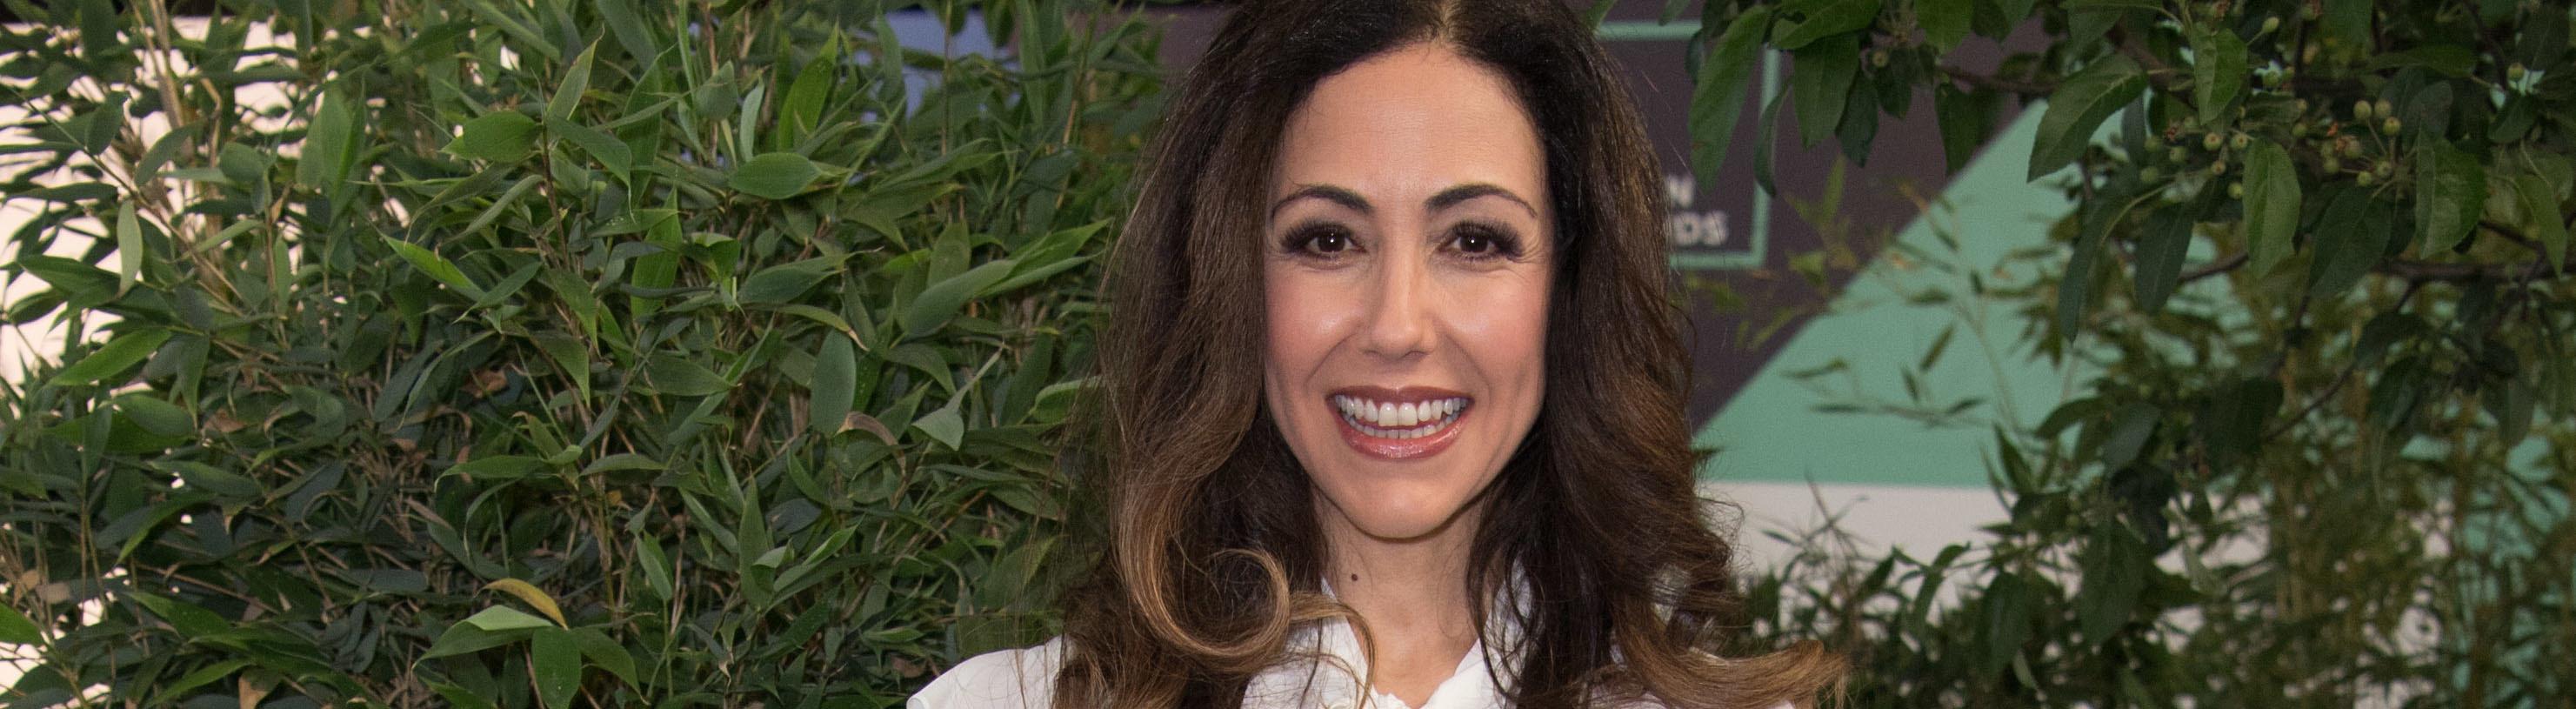 Moderatorin Anastasia Zampounidis